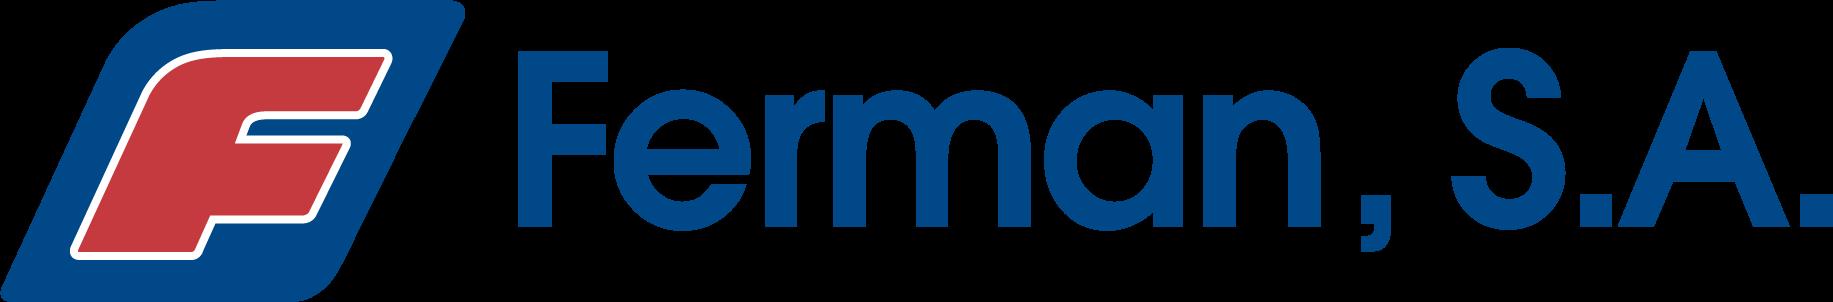 Ferman S.A.